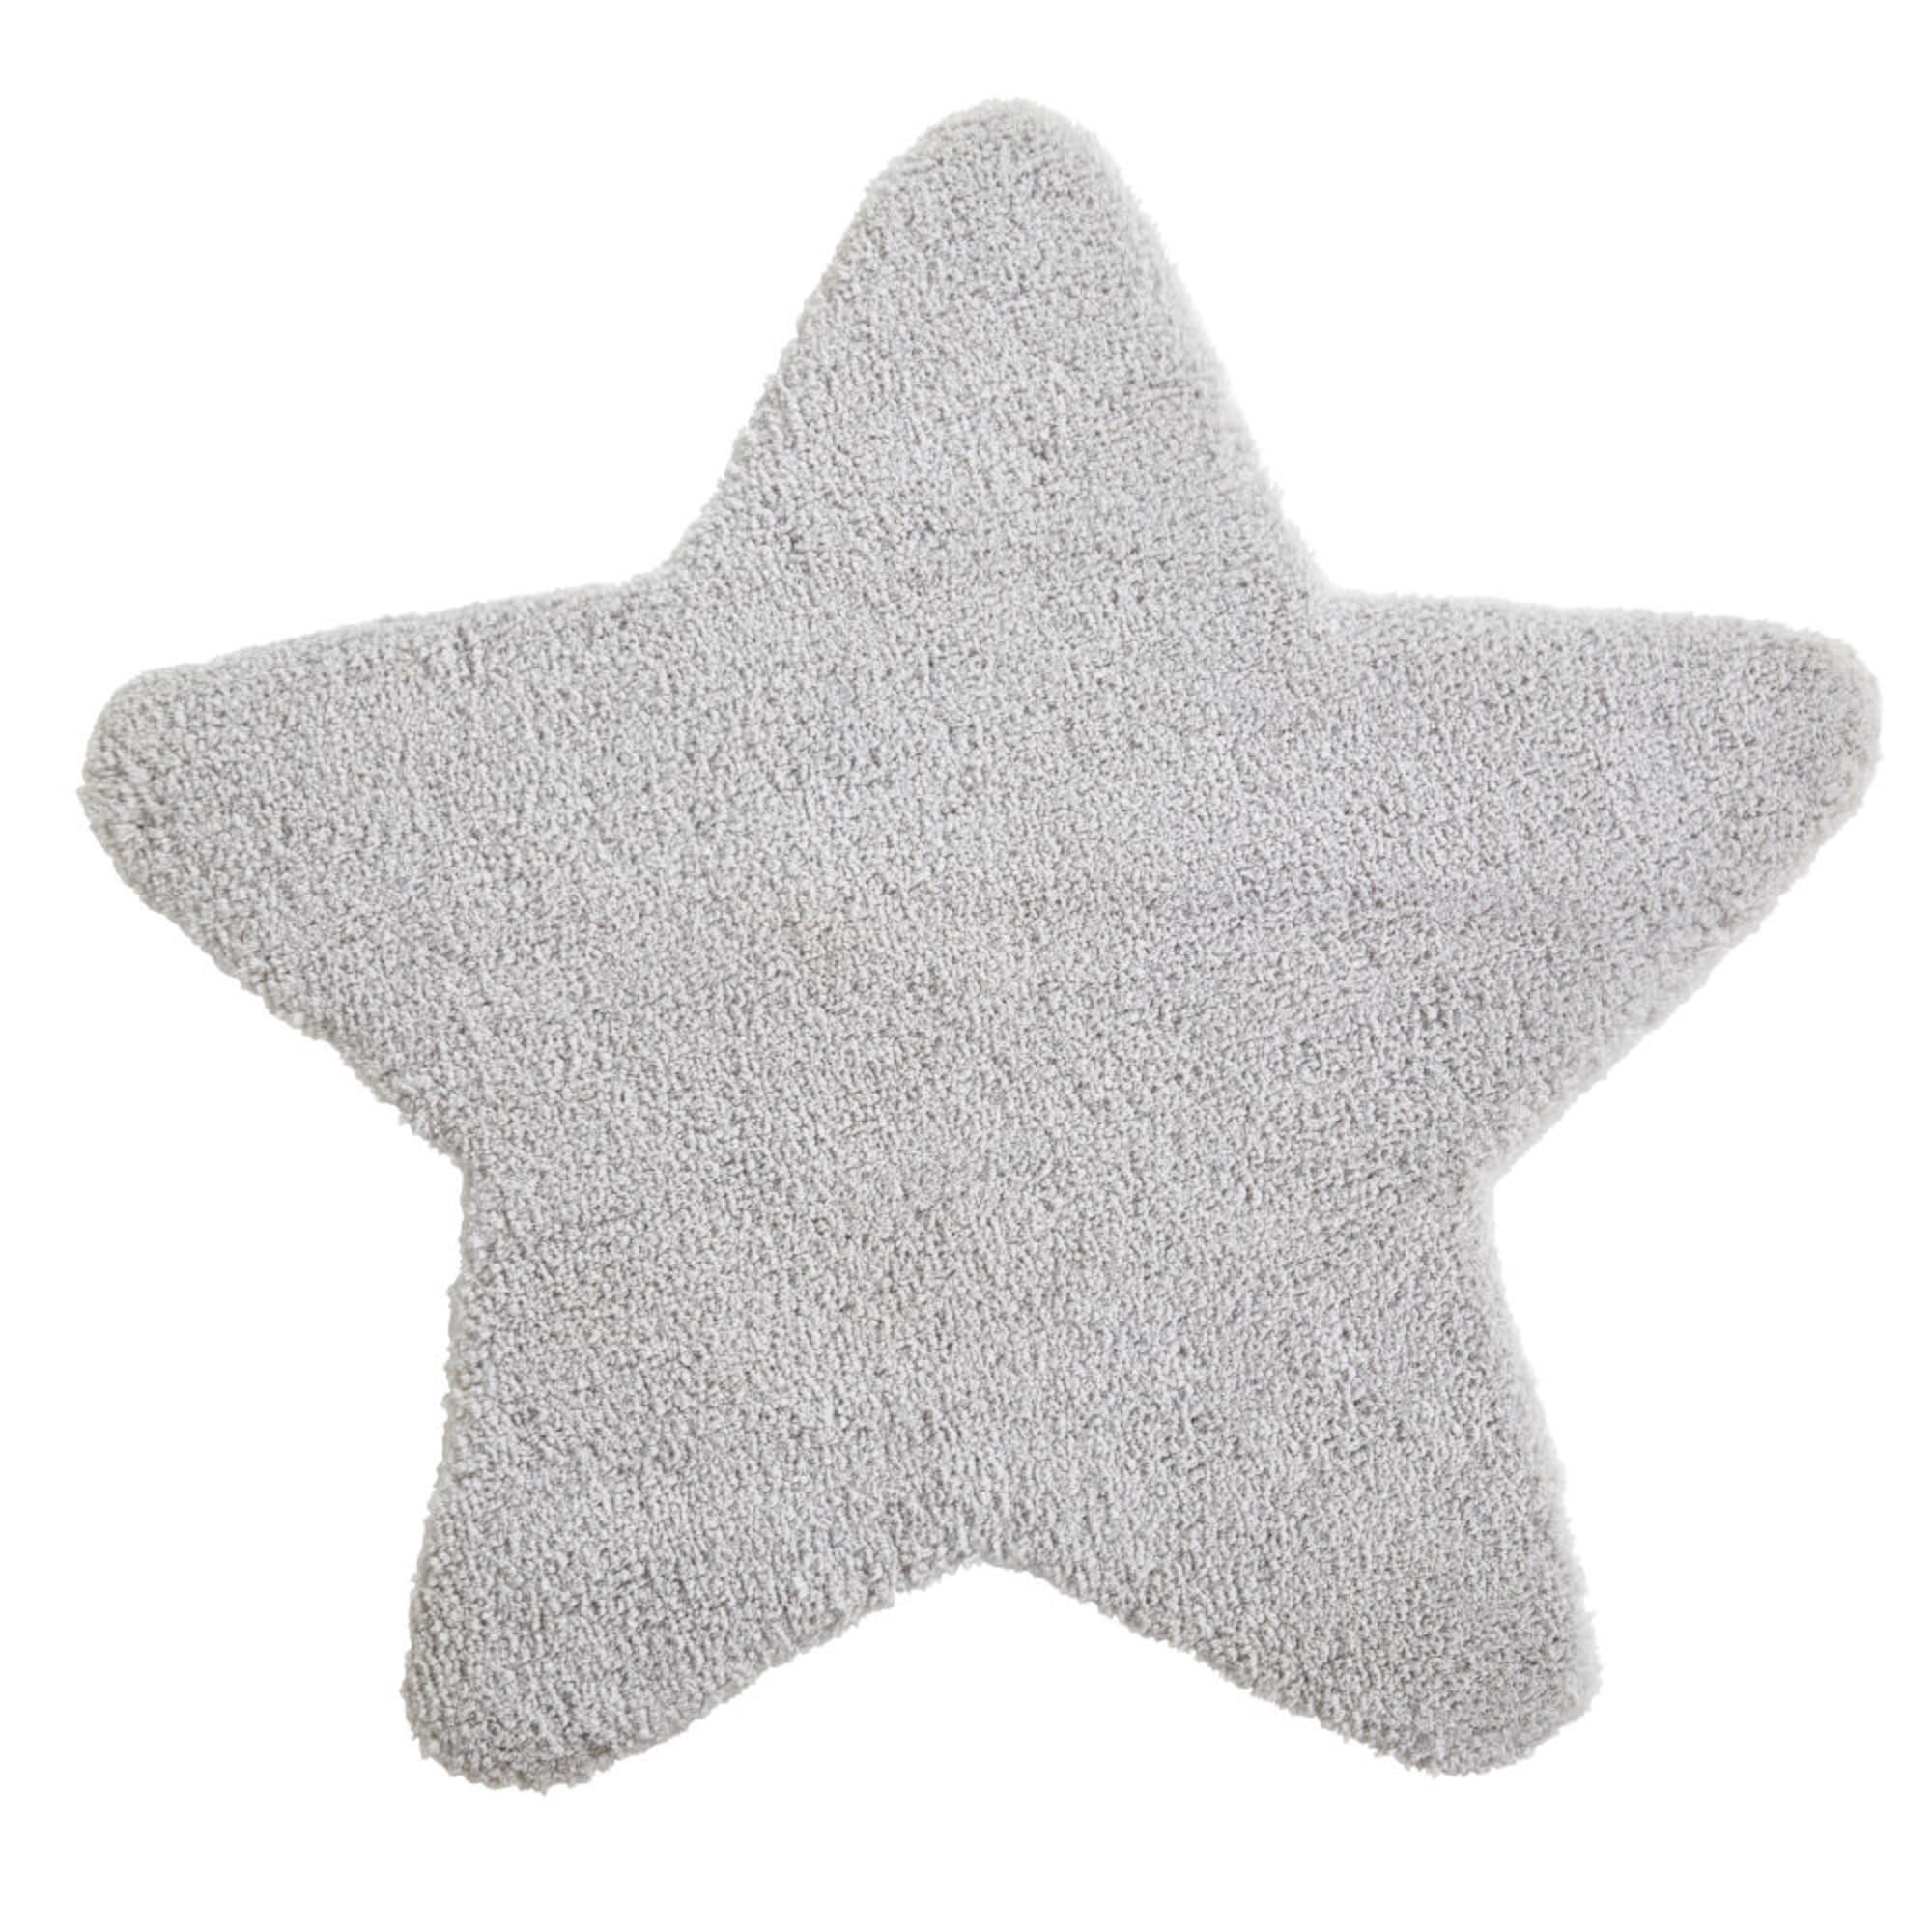 tapis-etoile-gris-100x100-1000-6-10-1797